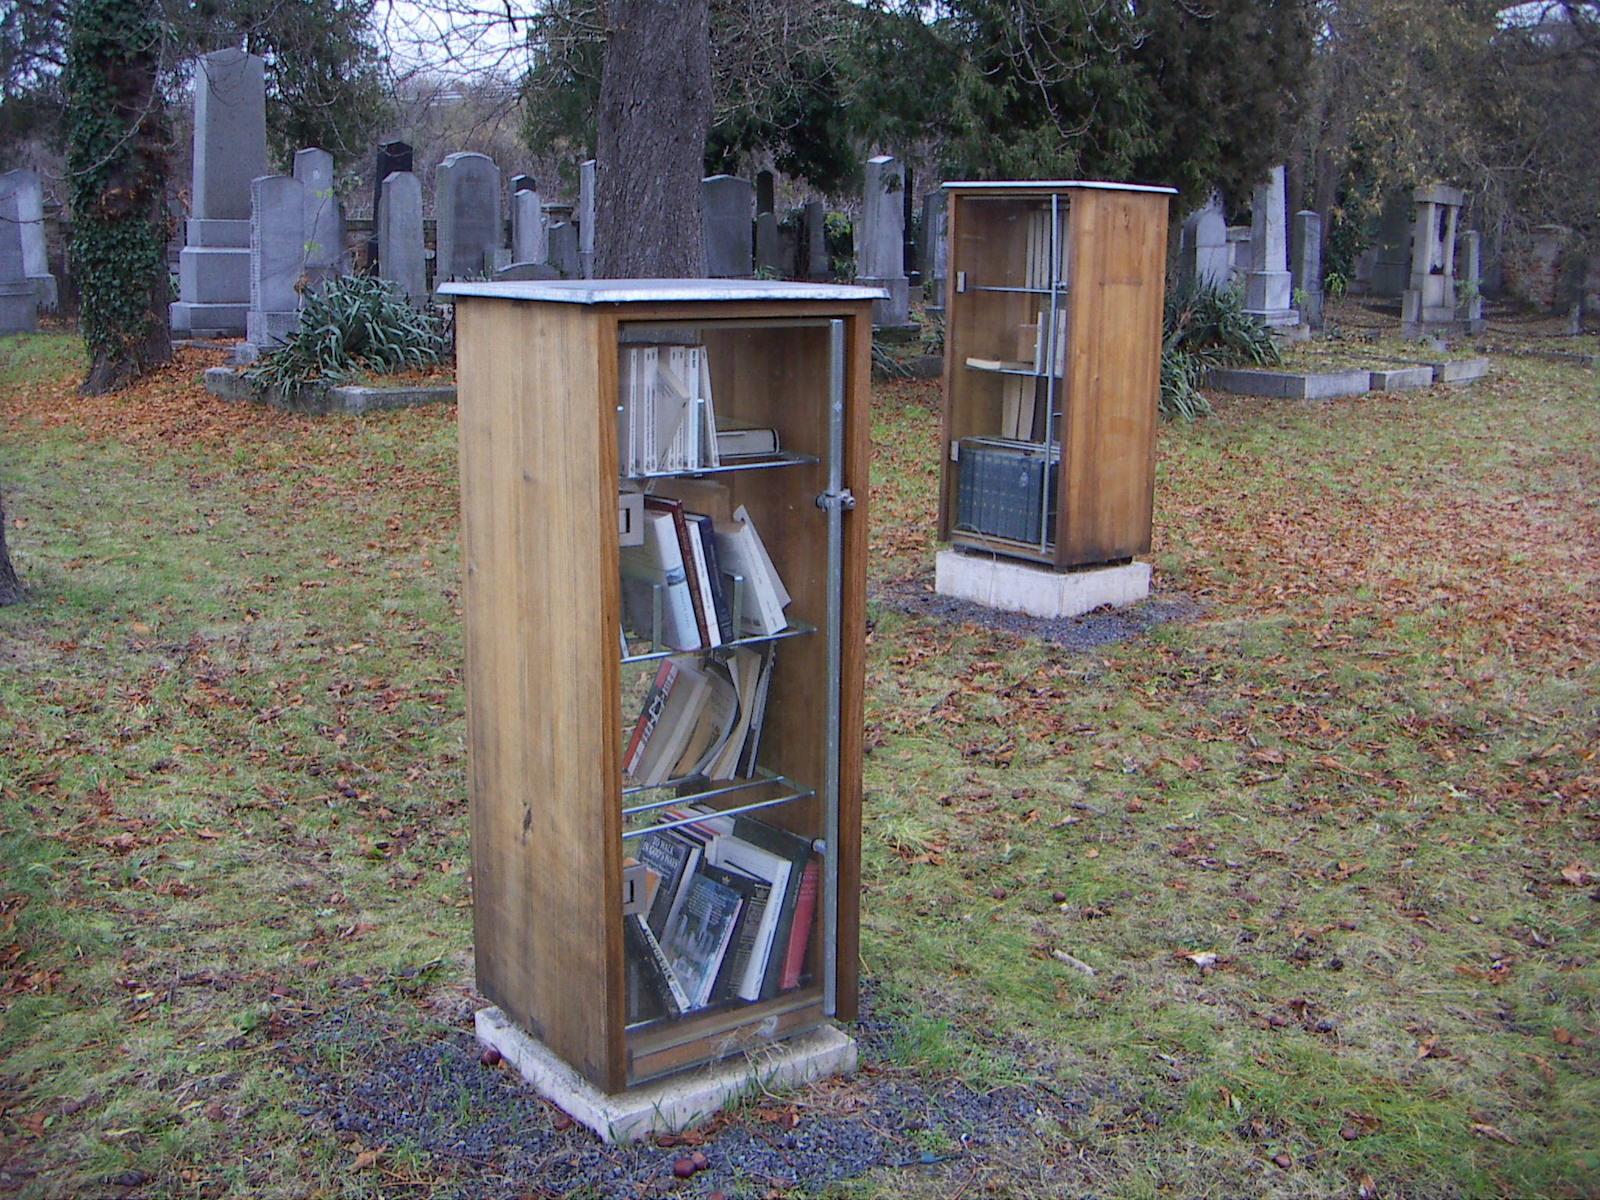 Najčudnije knjižnice na svijetu - Page 2 Jucc88discherfriedhofkrems-bibliothek-2007-11-24-pict01